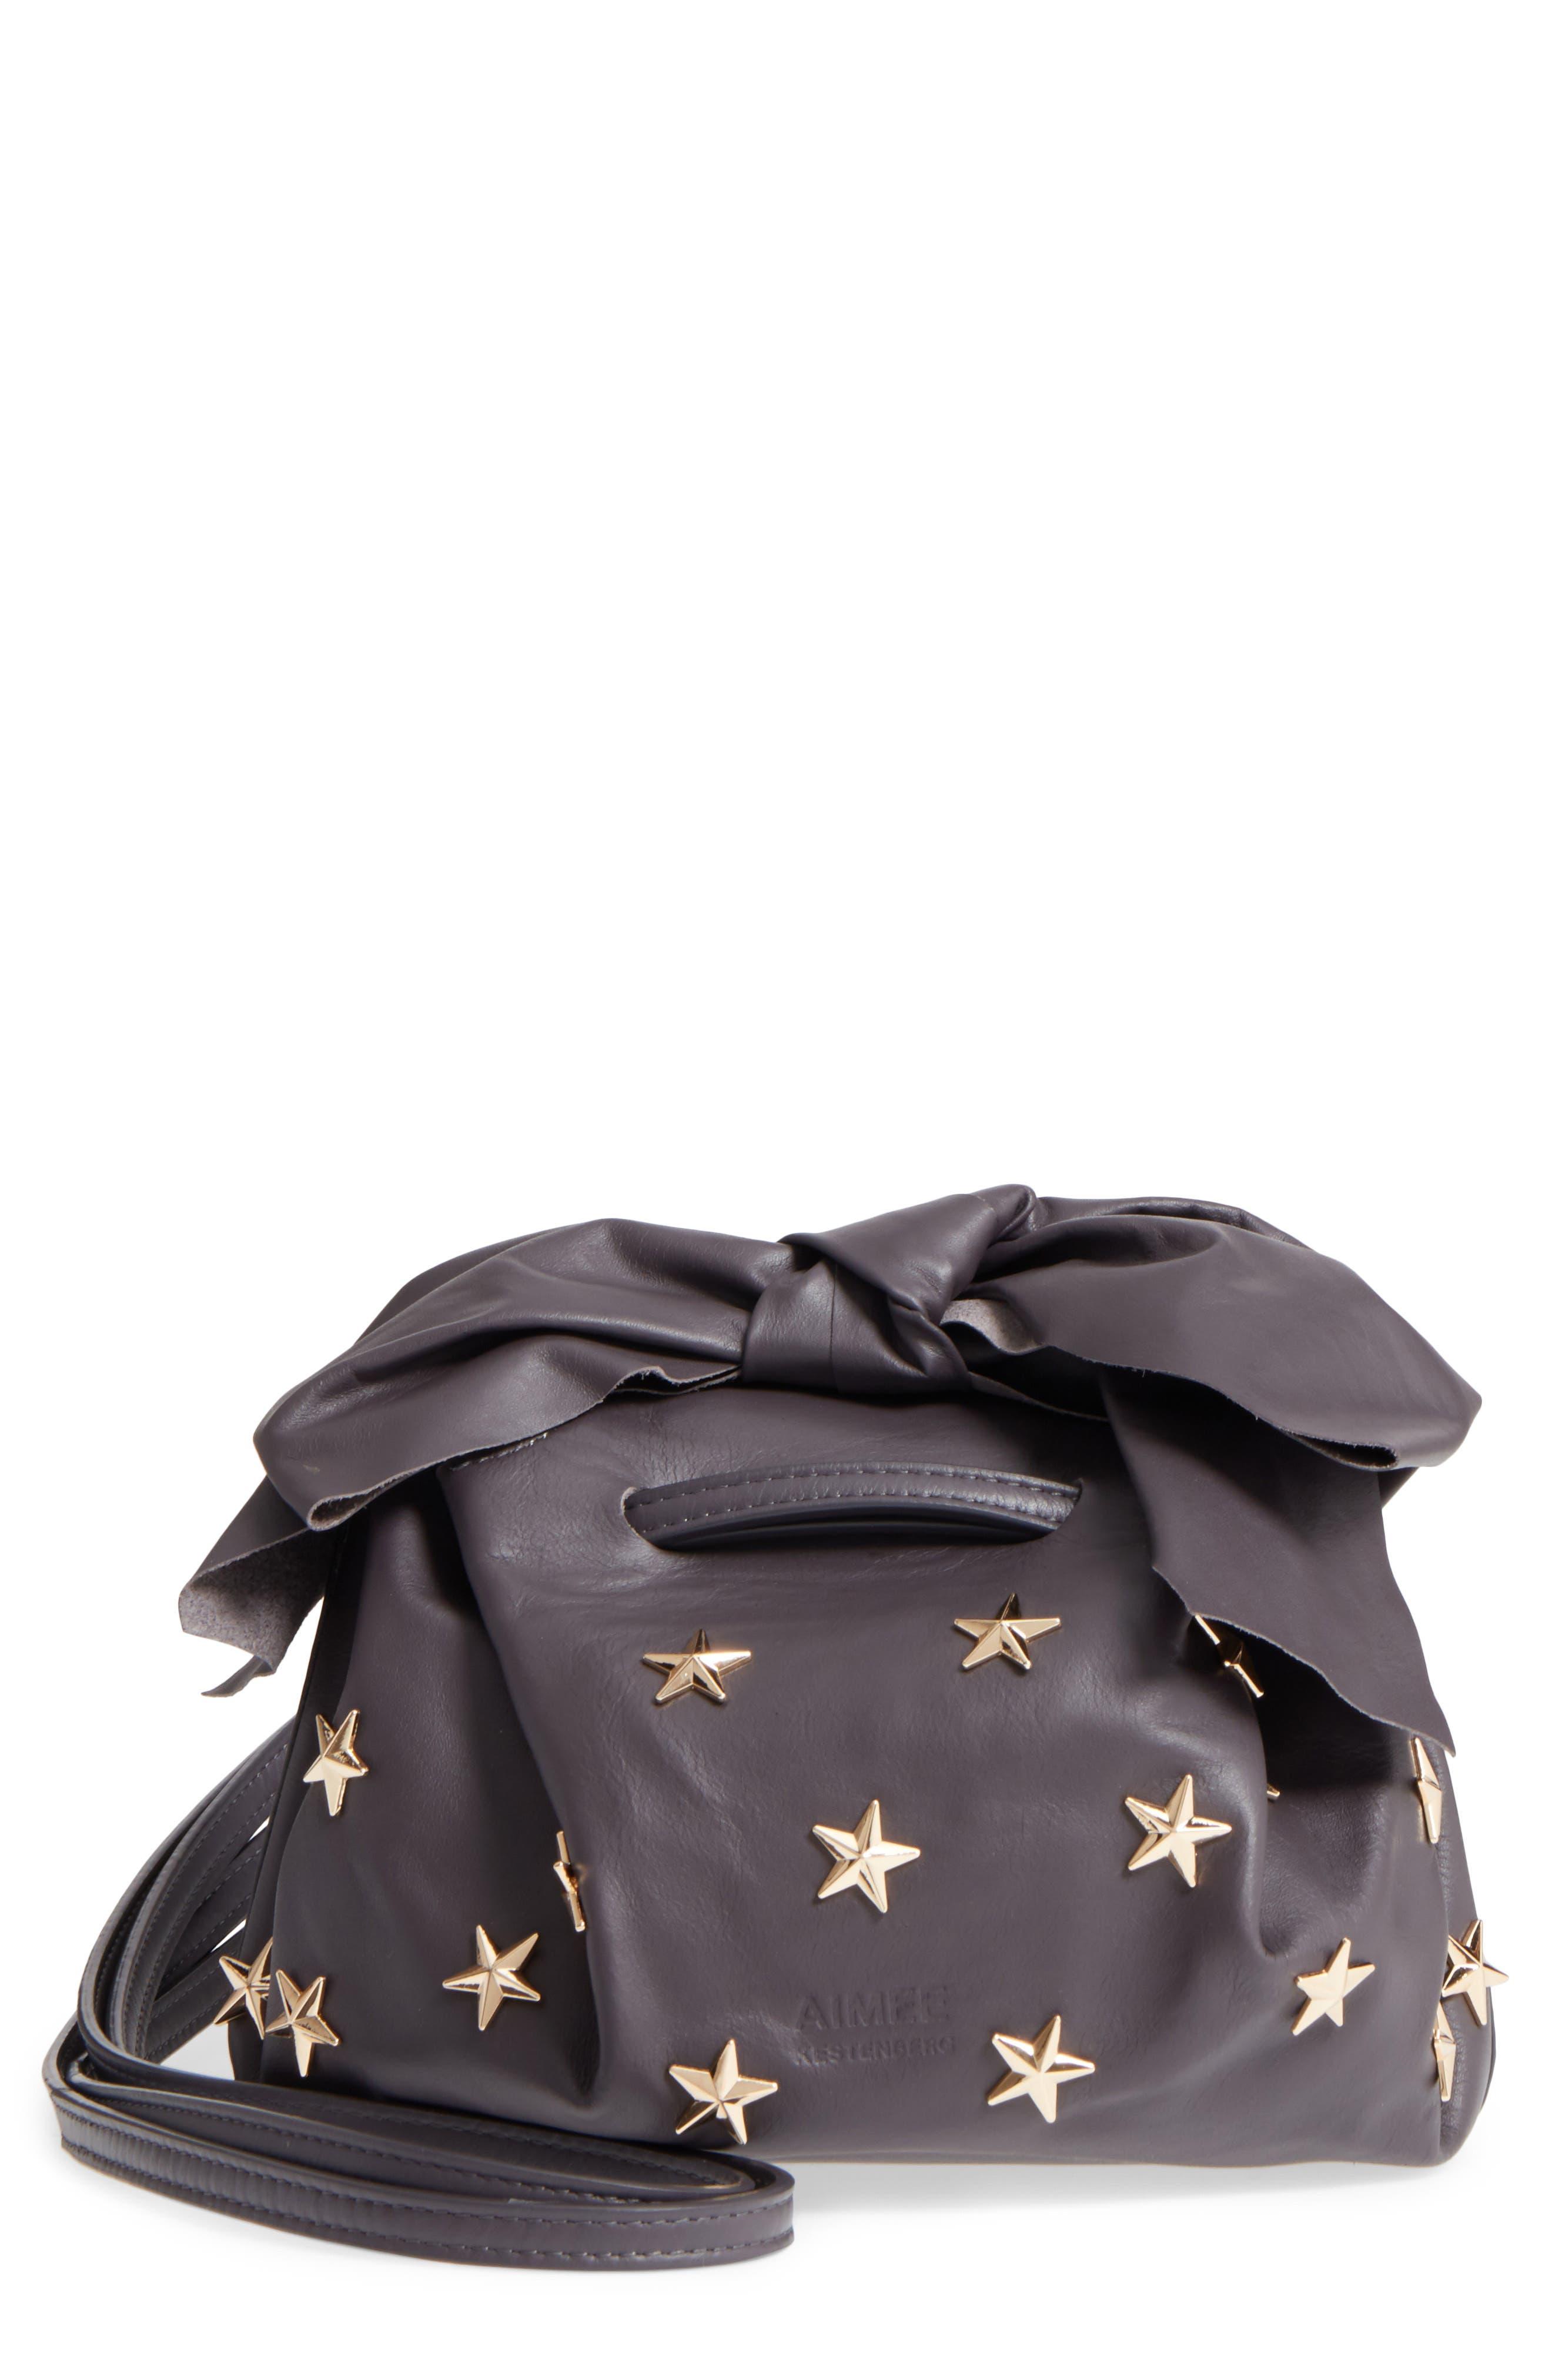 Soirée Star Stud Leather Crossbody Bag,                         Main,                         color, 020